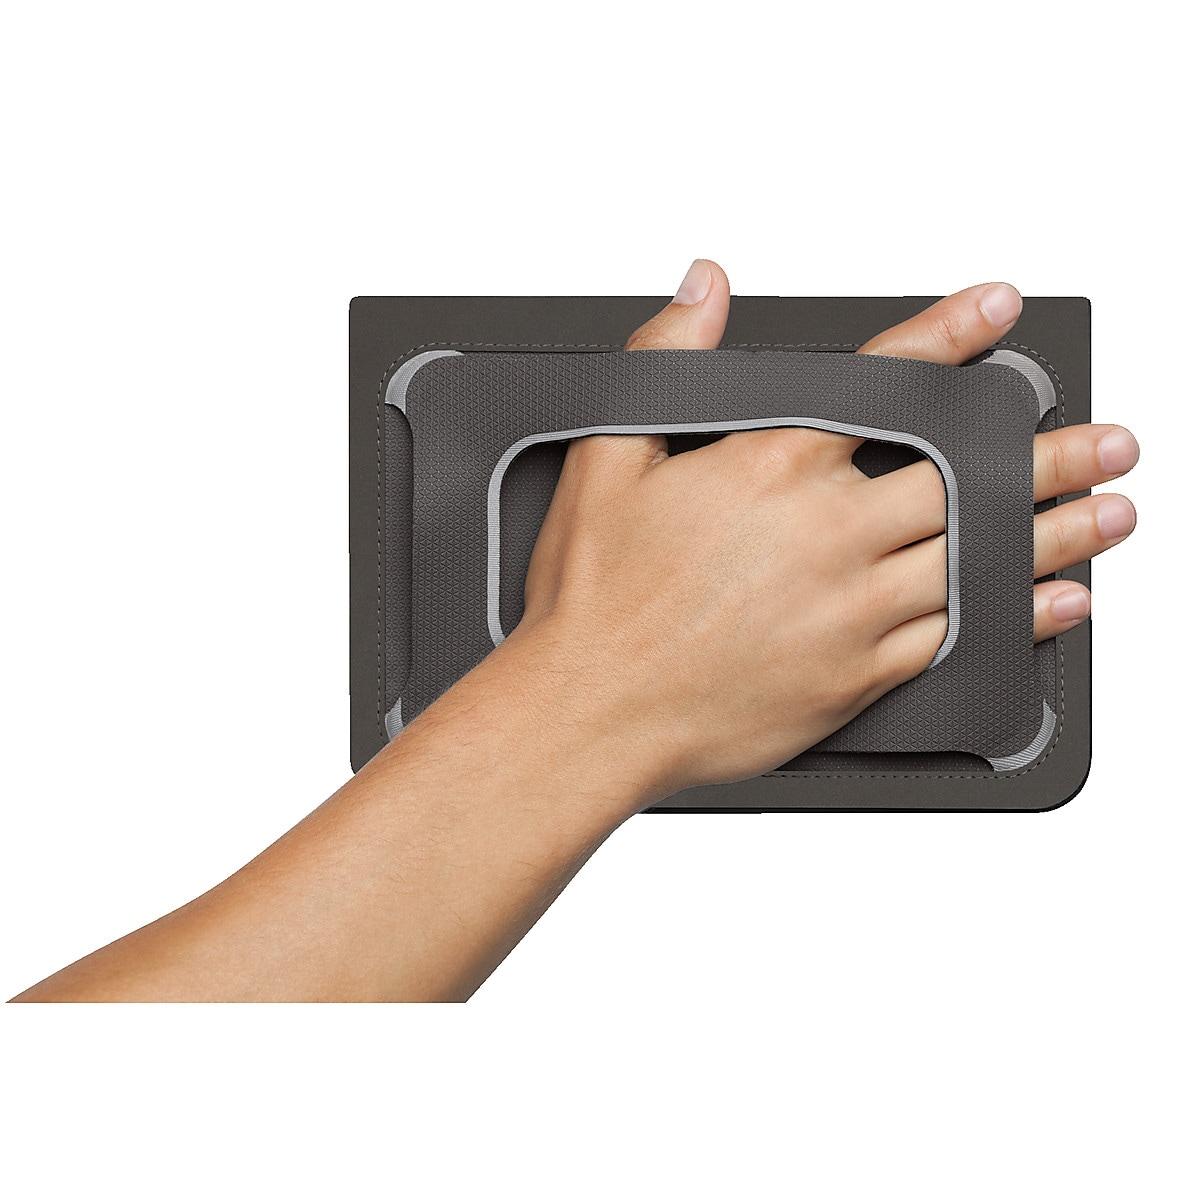 Fodral för iPad mini Belkin Freehand